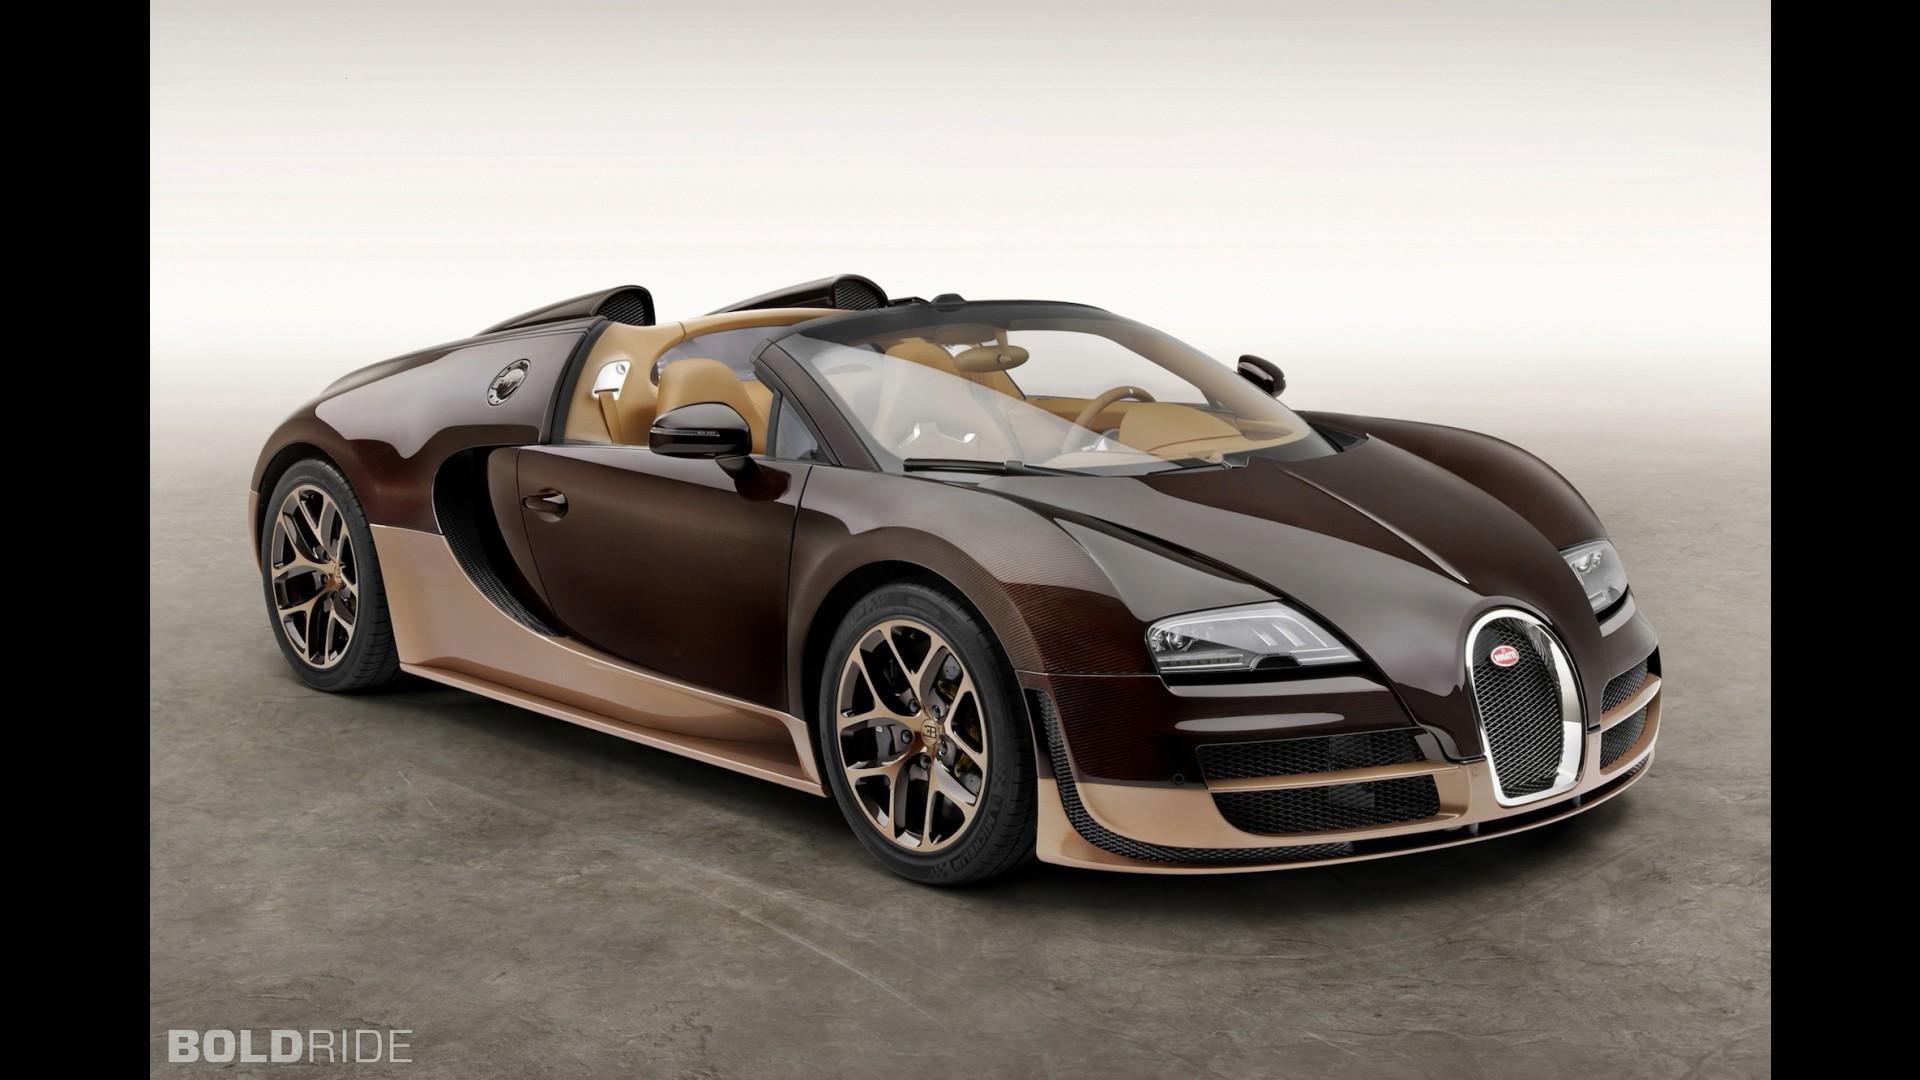 bugatti-veyron-grand-sport-roadster-vitesse-rembrandt Exciting Bugatti Veyron Grand Sport Vitesse Fiche Technique Cars Trend